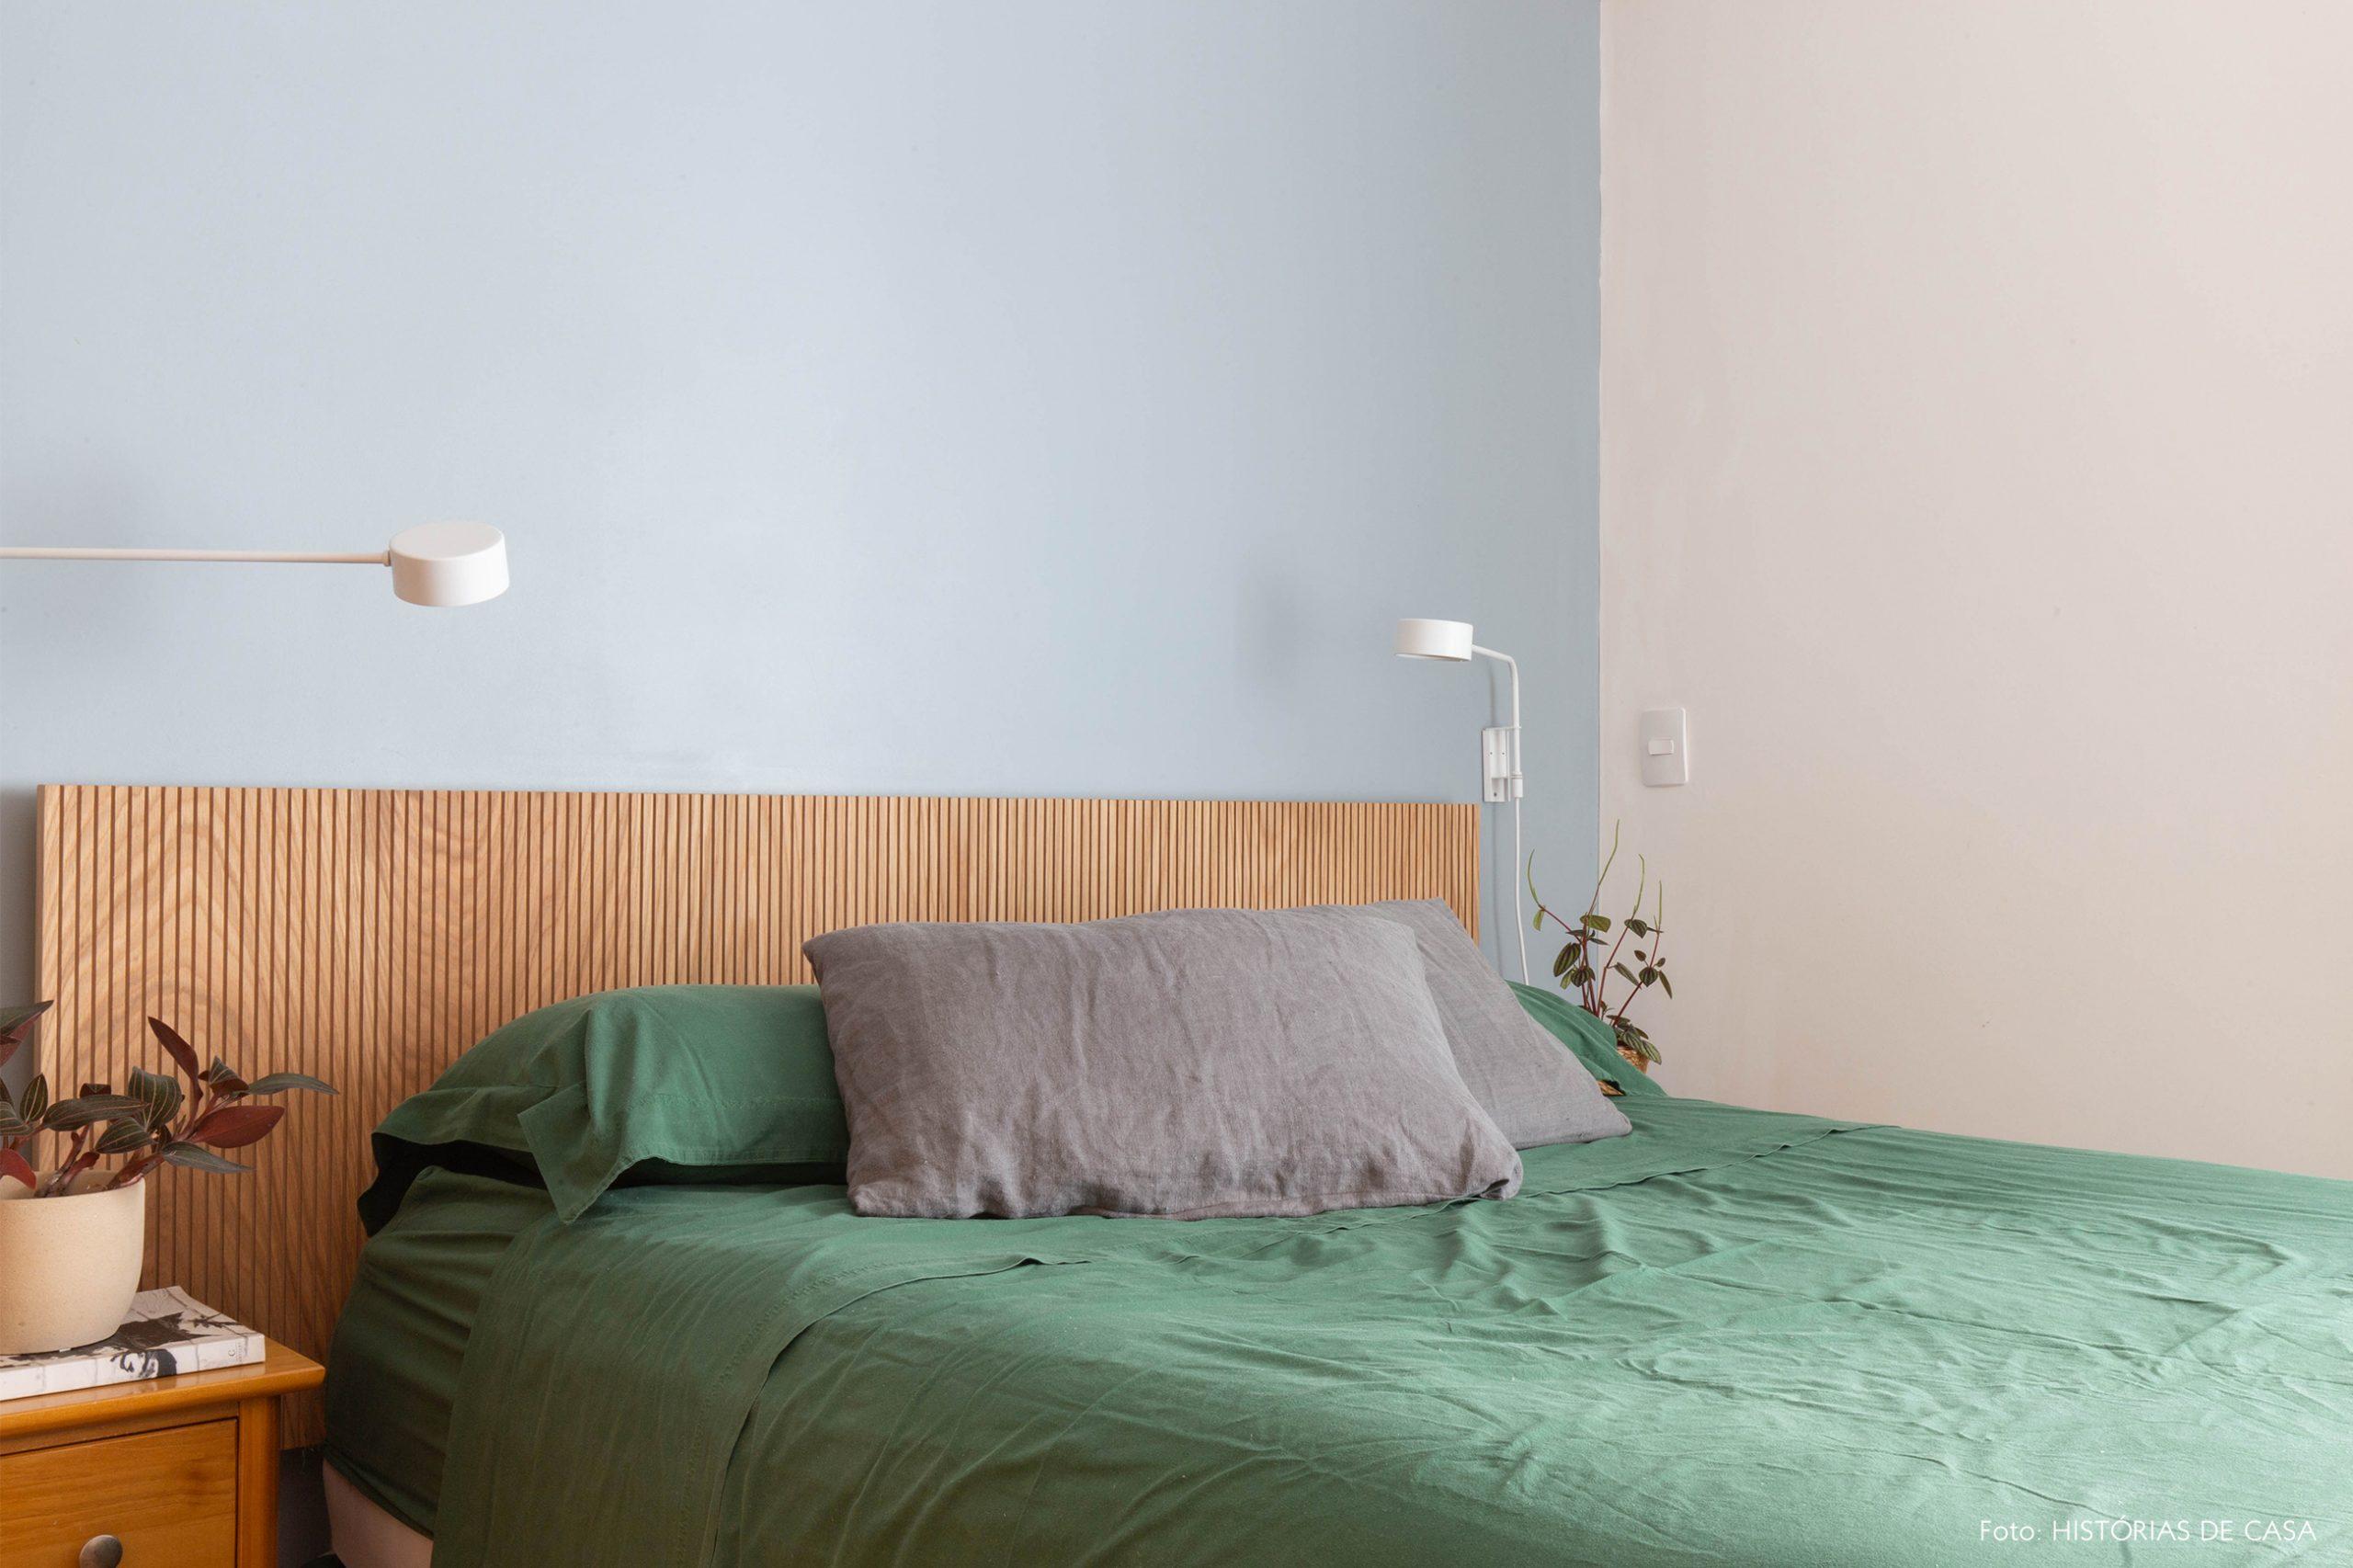 decoração quarto com parede azul e cabiceira de madeira clara